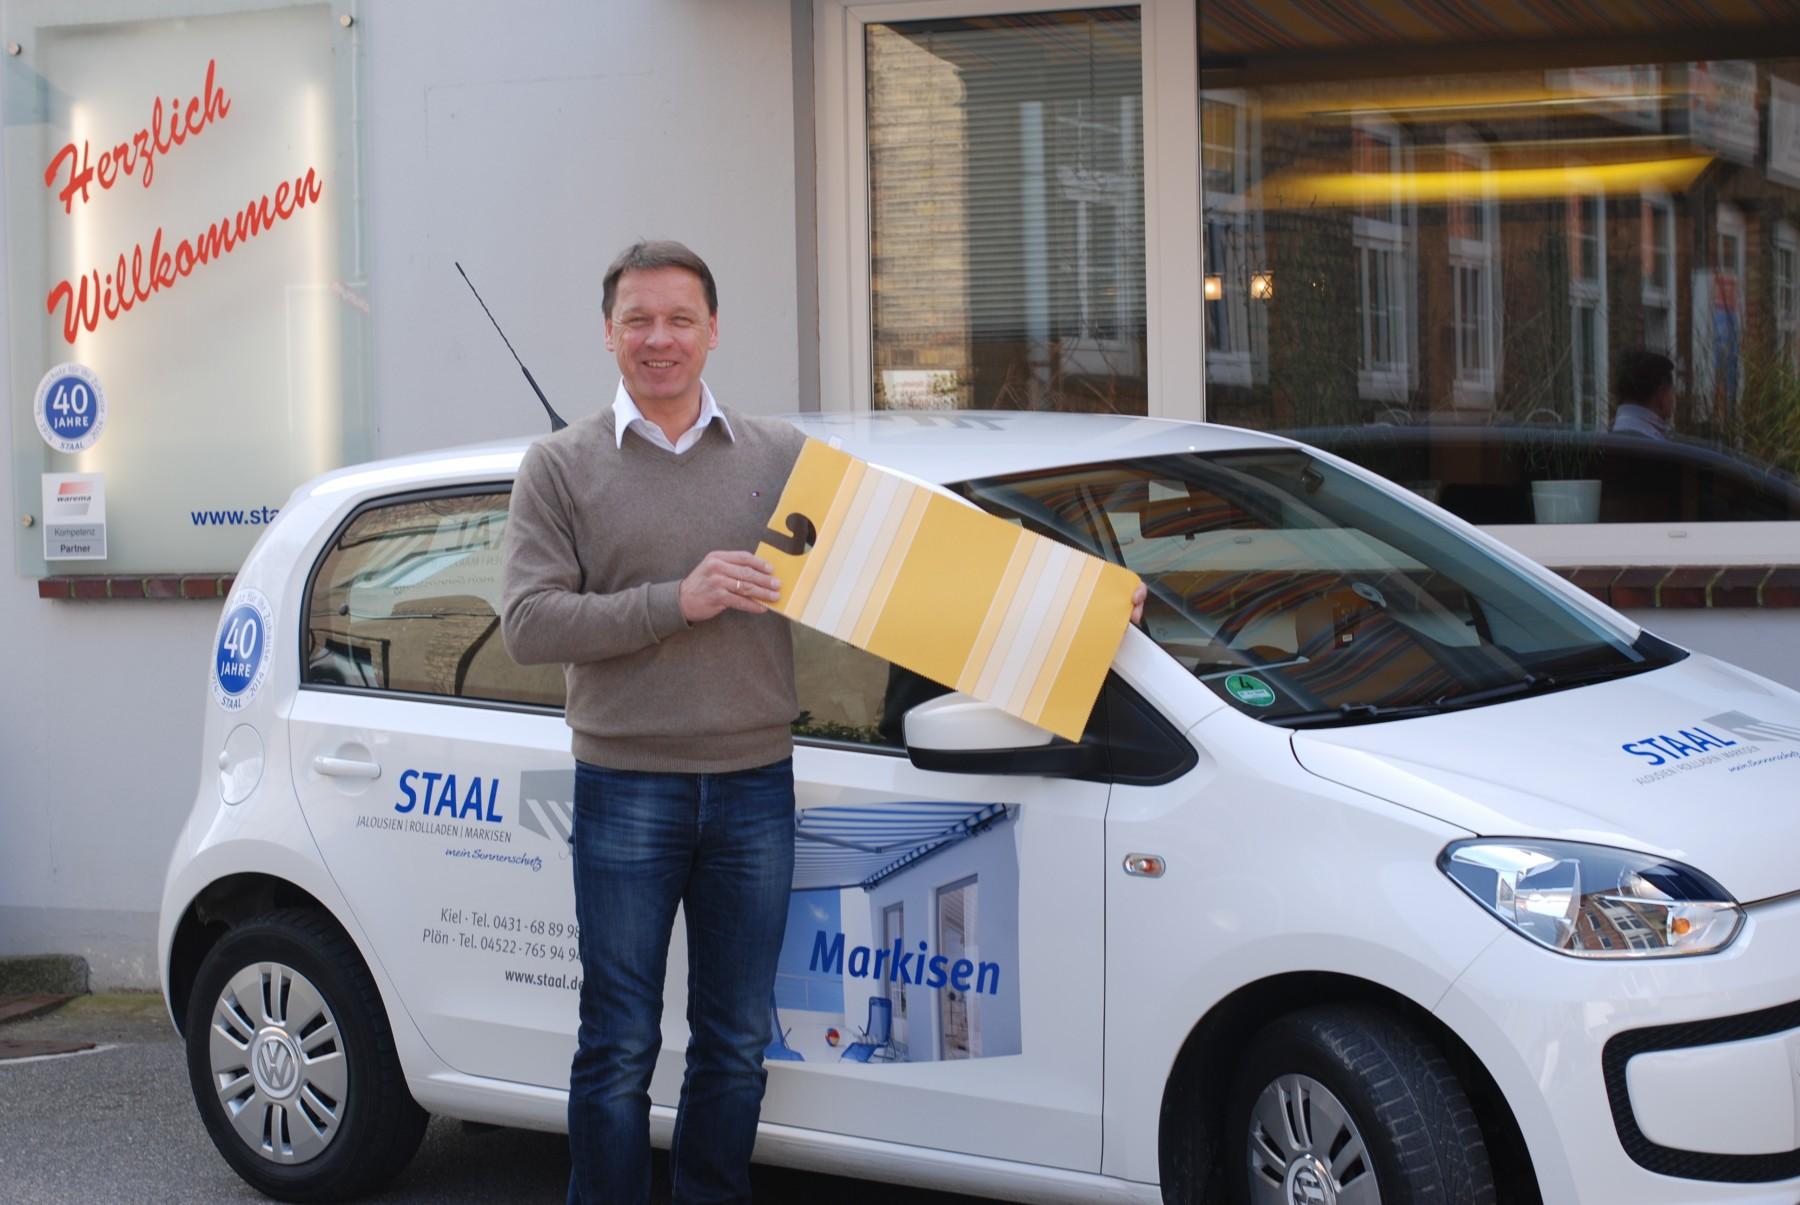 Kostenfreie Vor Ort Beratung von Staal Rollladen und Sonnenschutz in Kiel und Plön